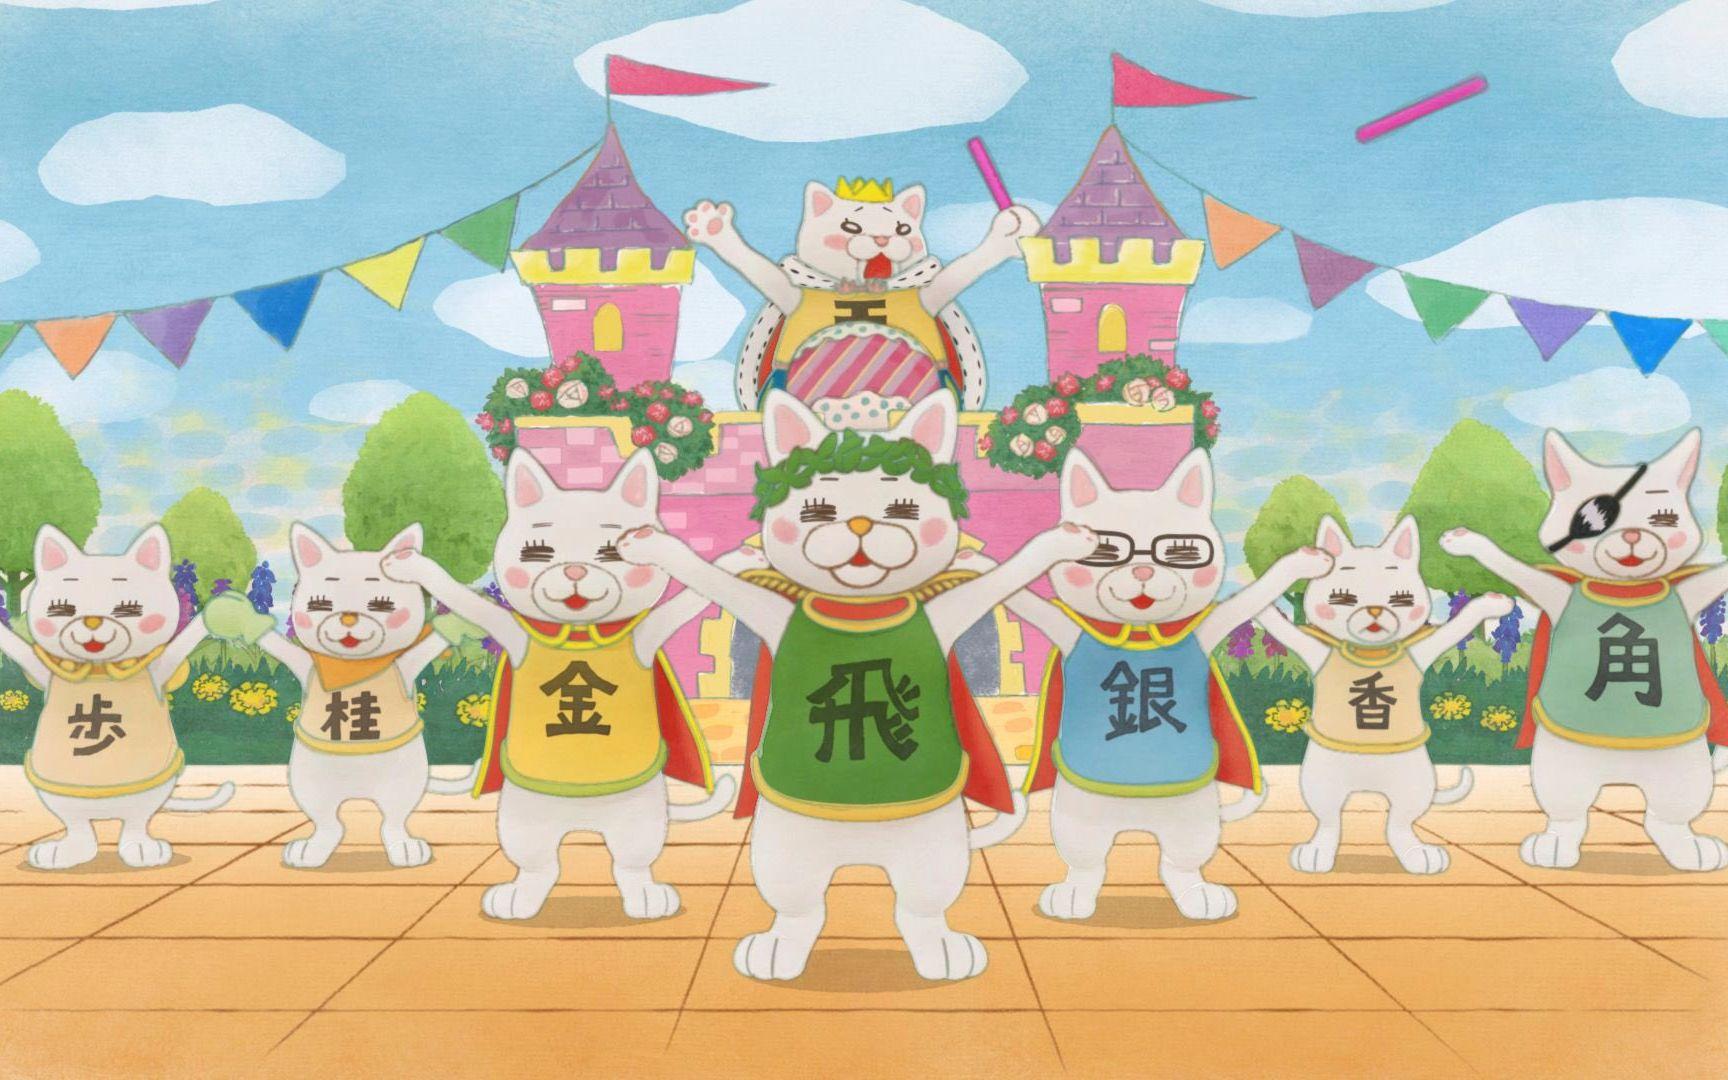 【3月的狮子】喵将棋音头【插曲完整版】图片